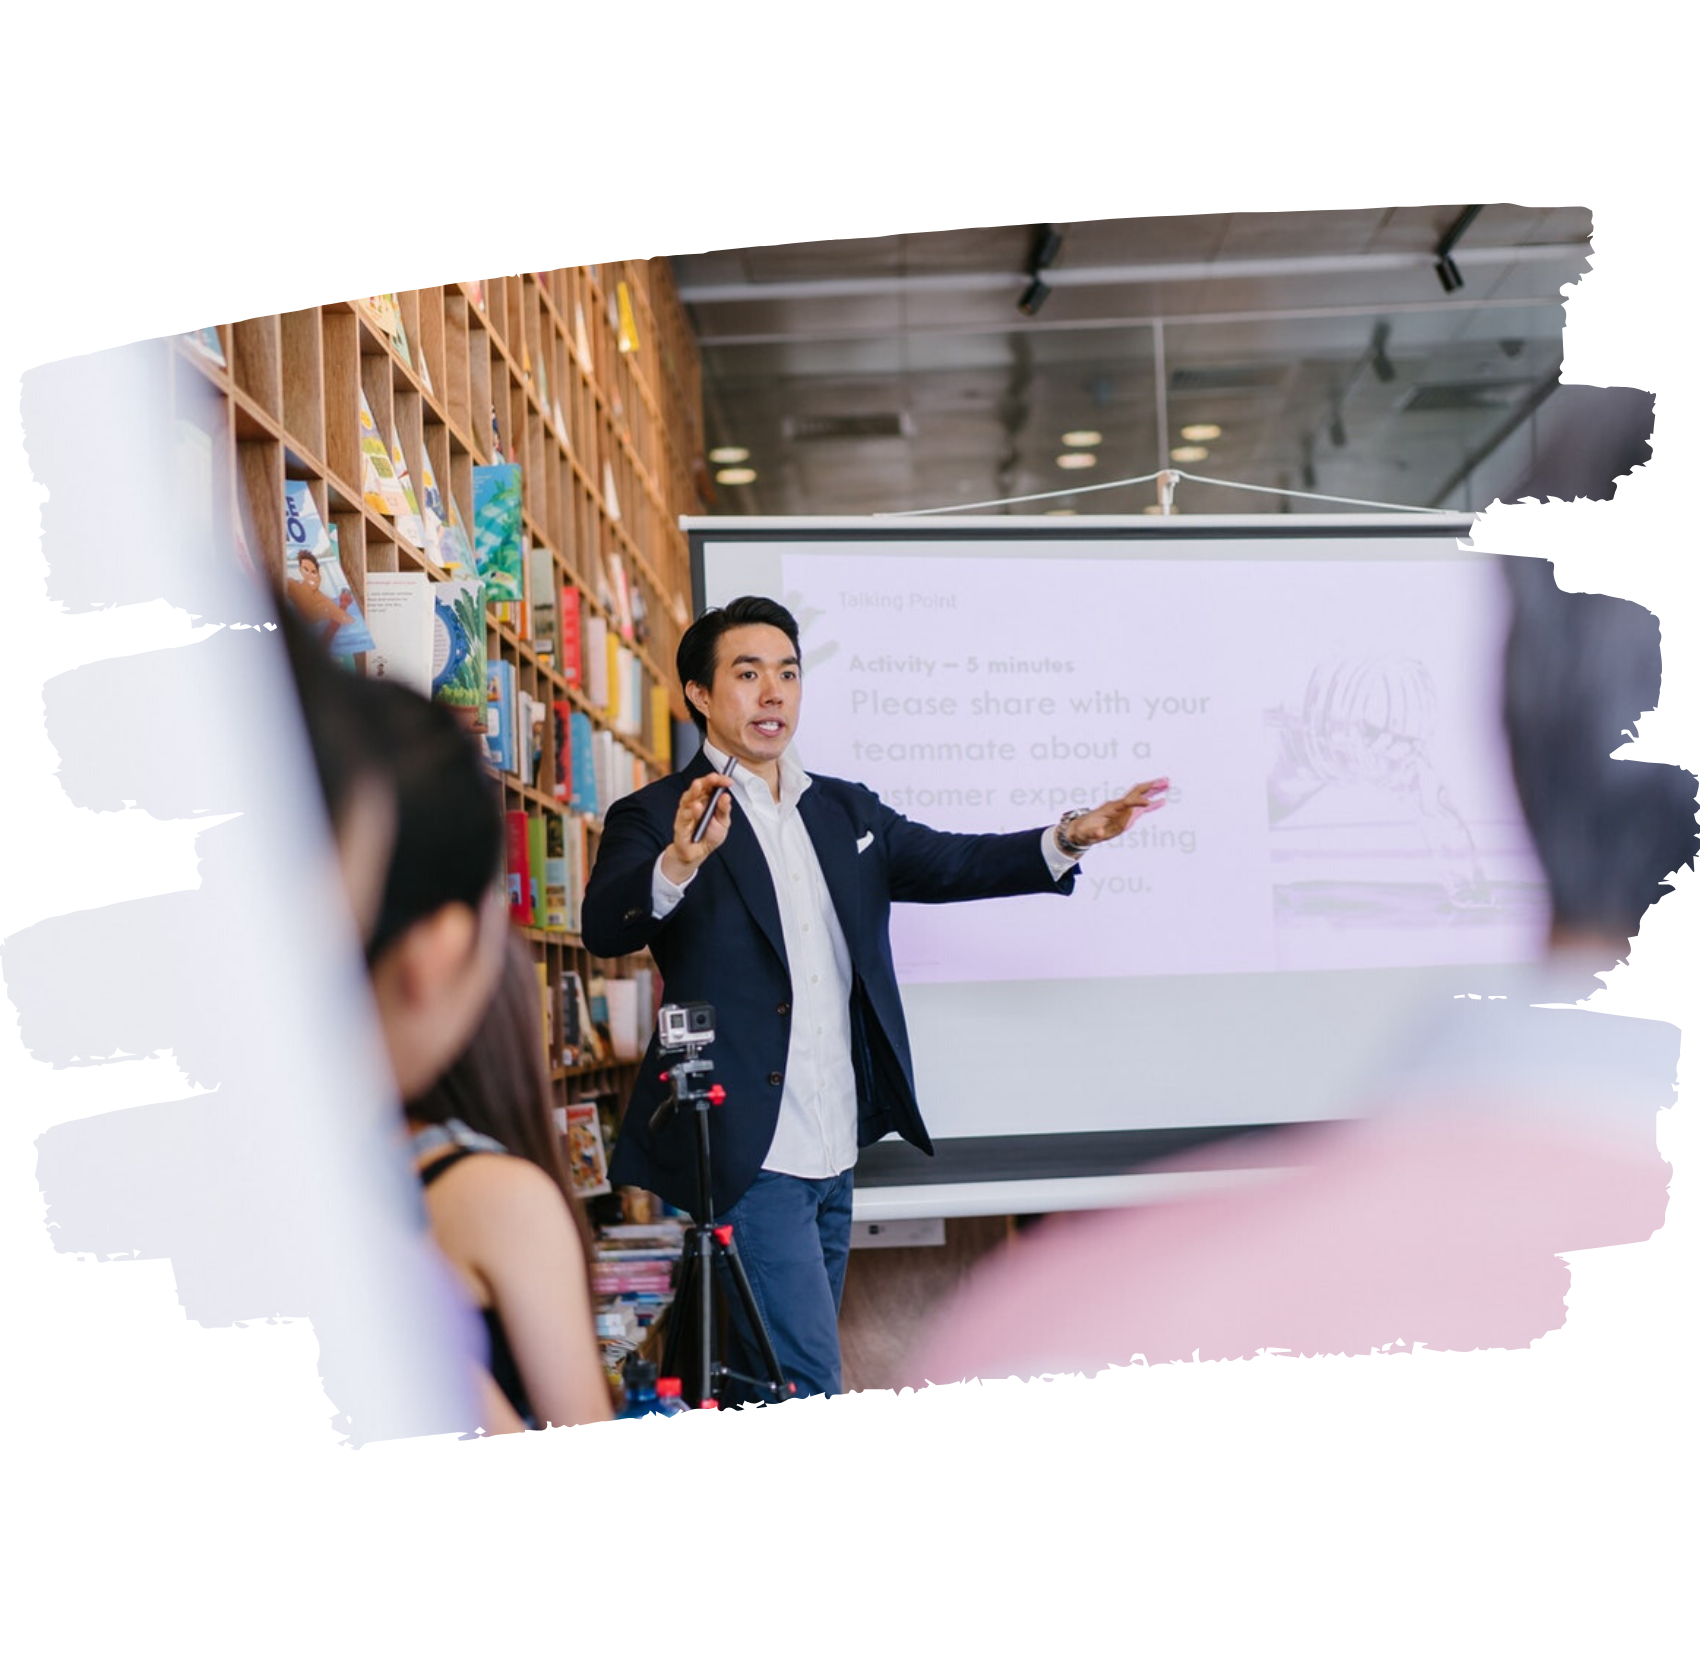 Formateur donnant une formation en langue